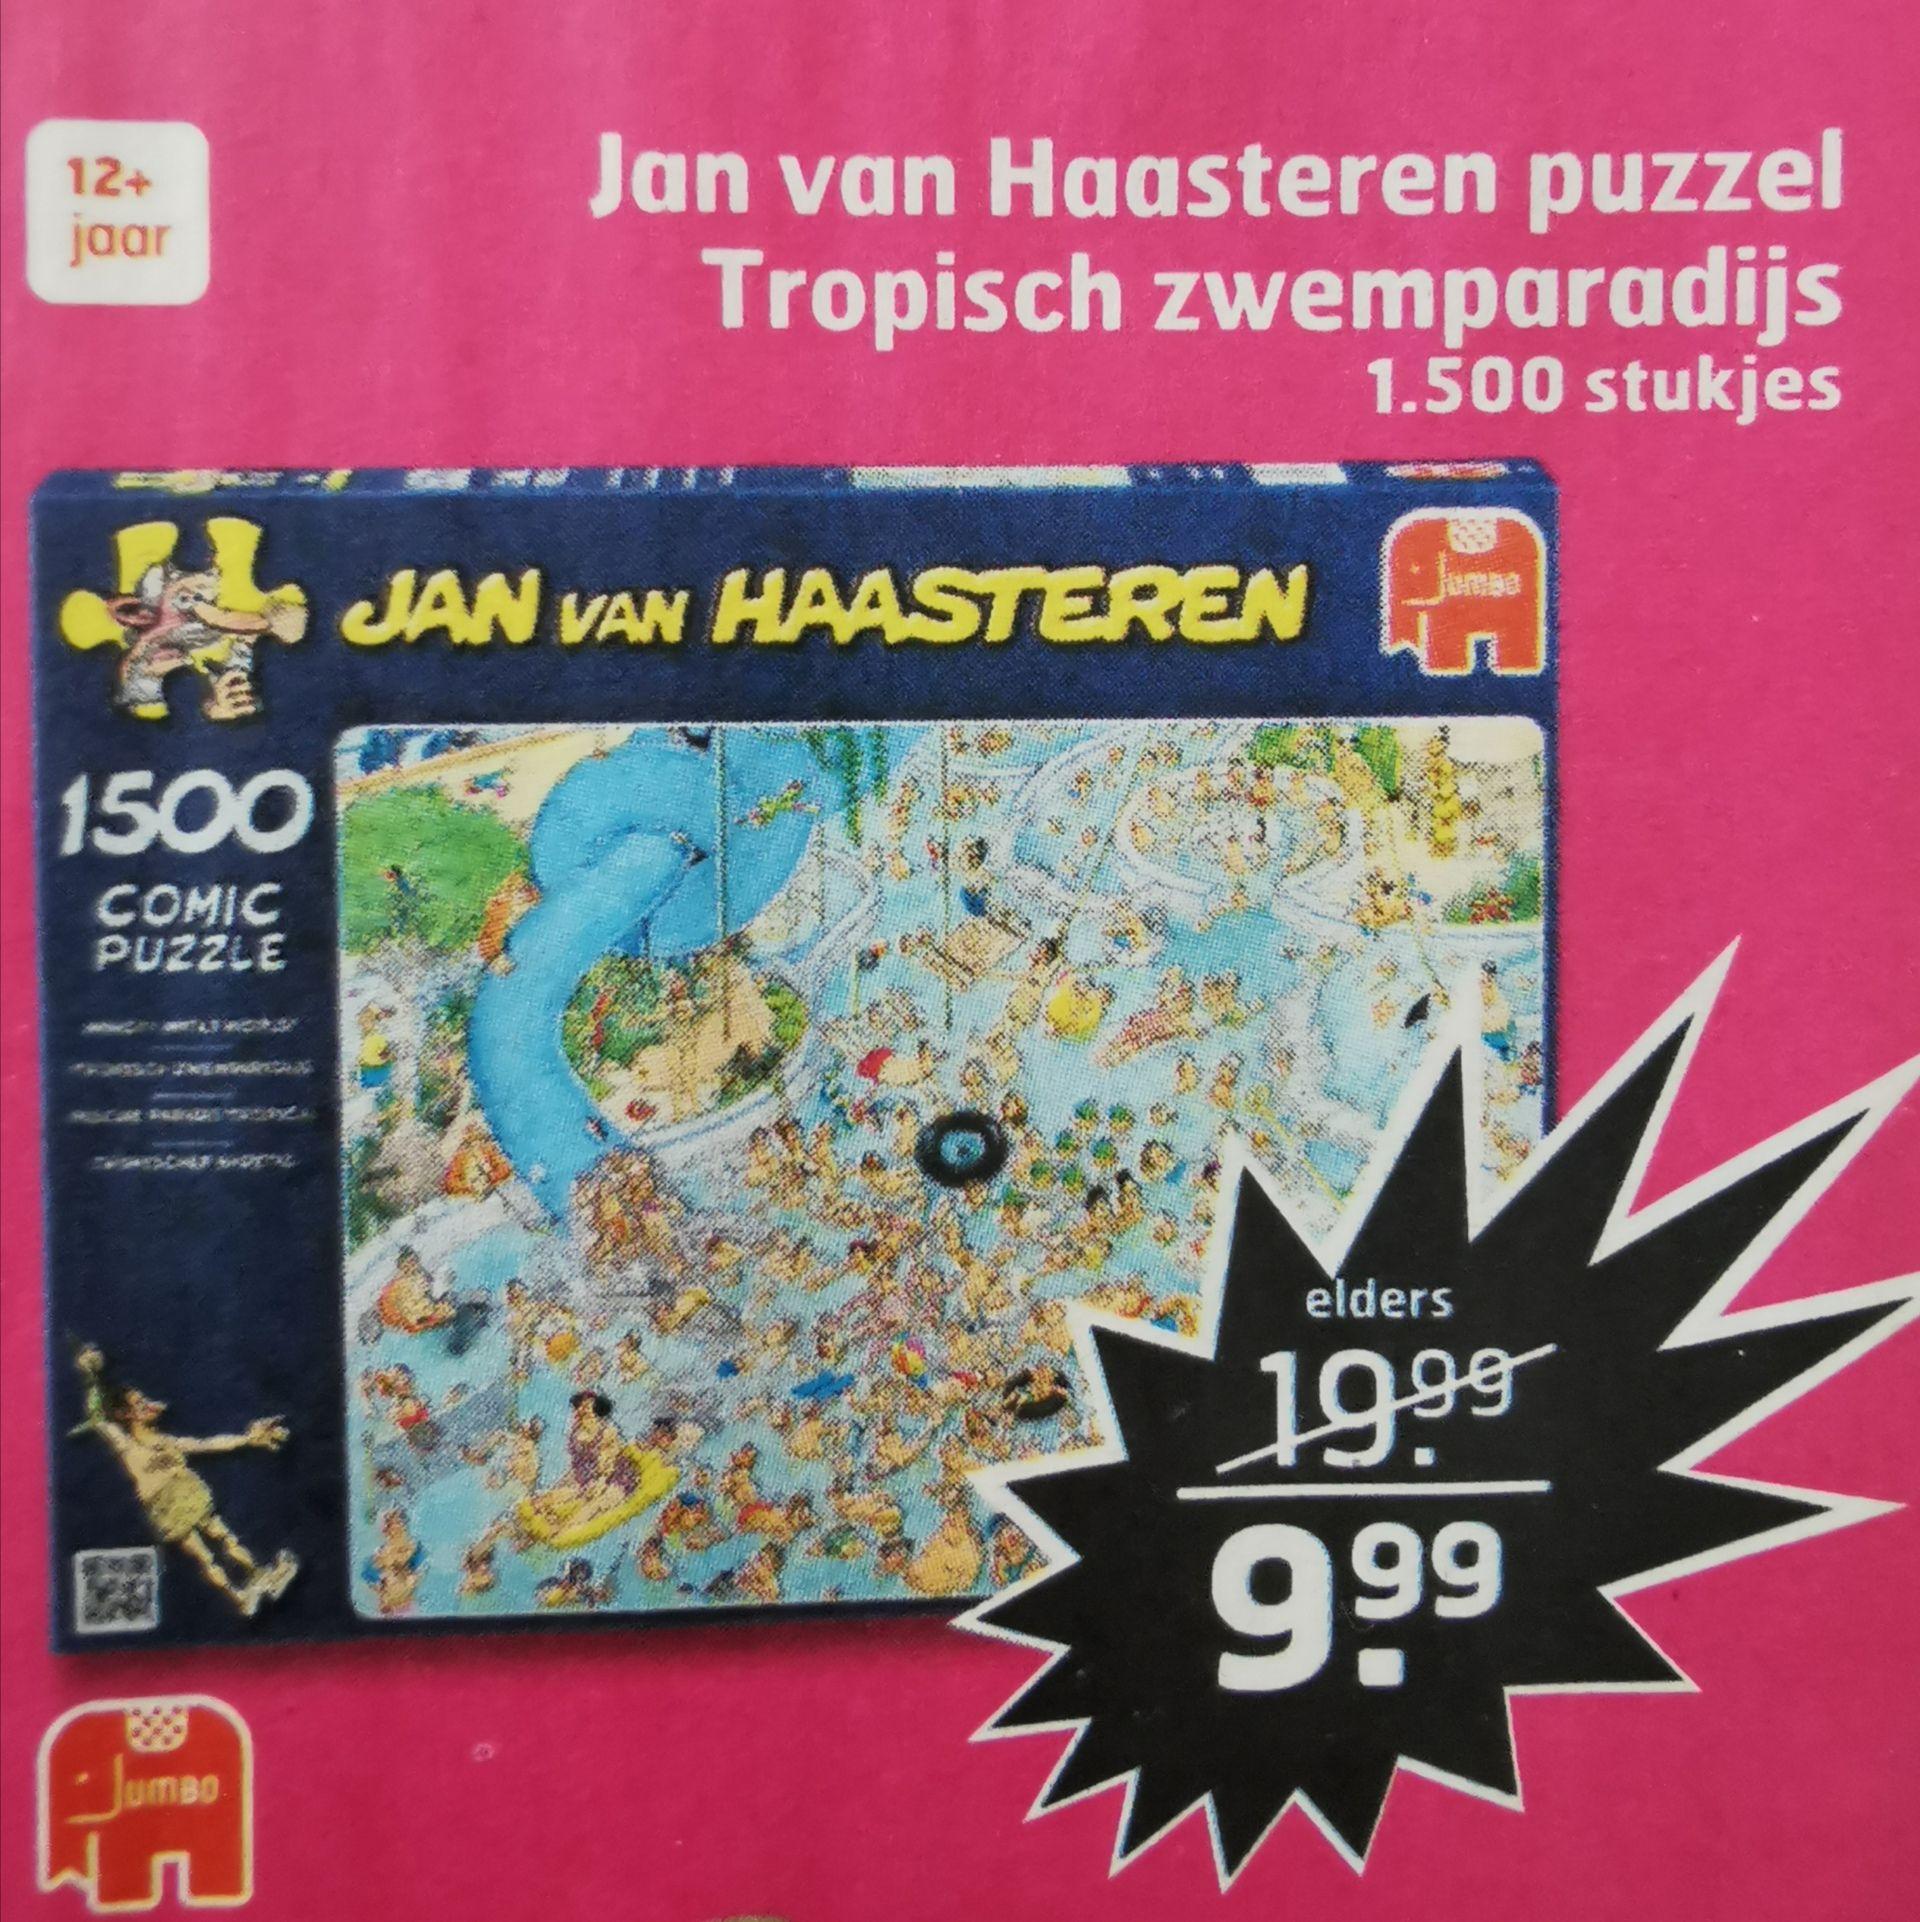 Puzzel Jan van Haasteren Tropisch Zwemparadijs 1500 stukjes @ Trekpleister